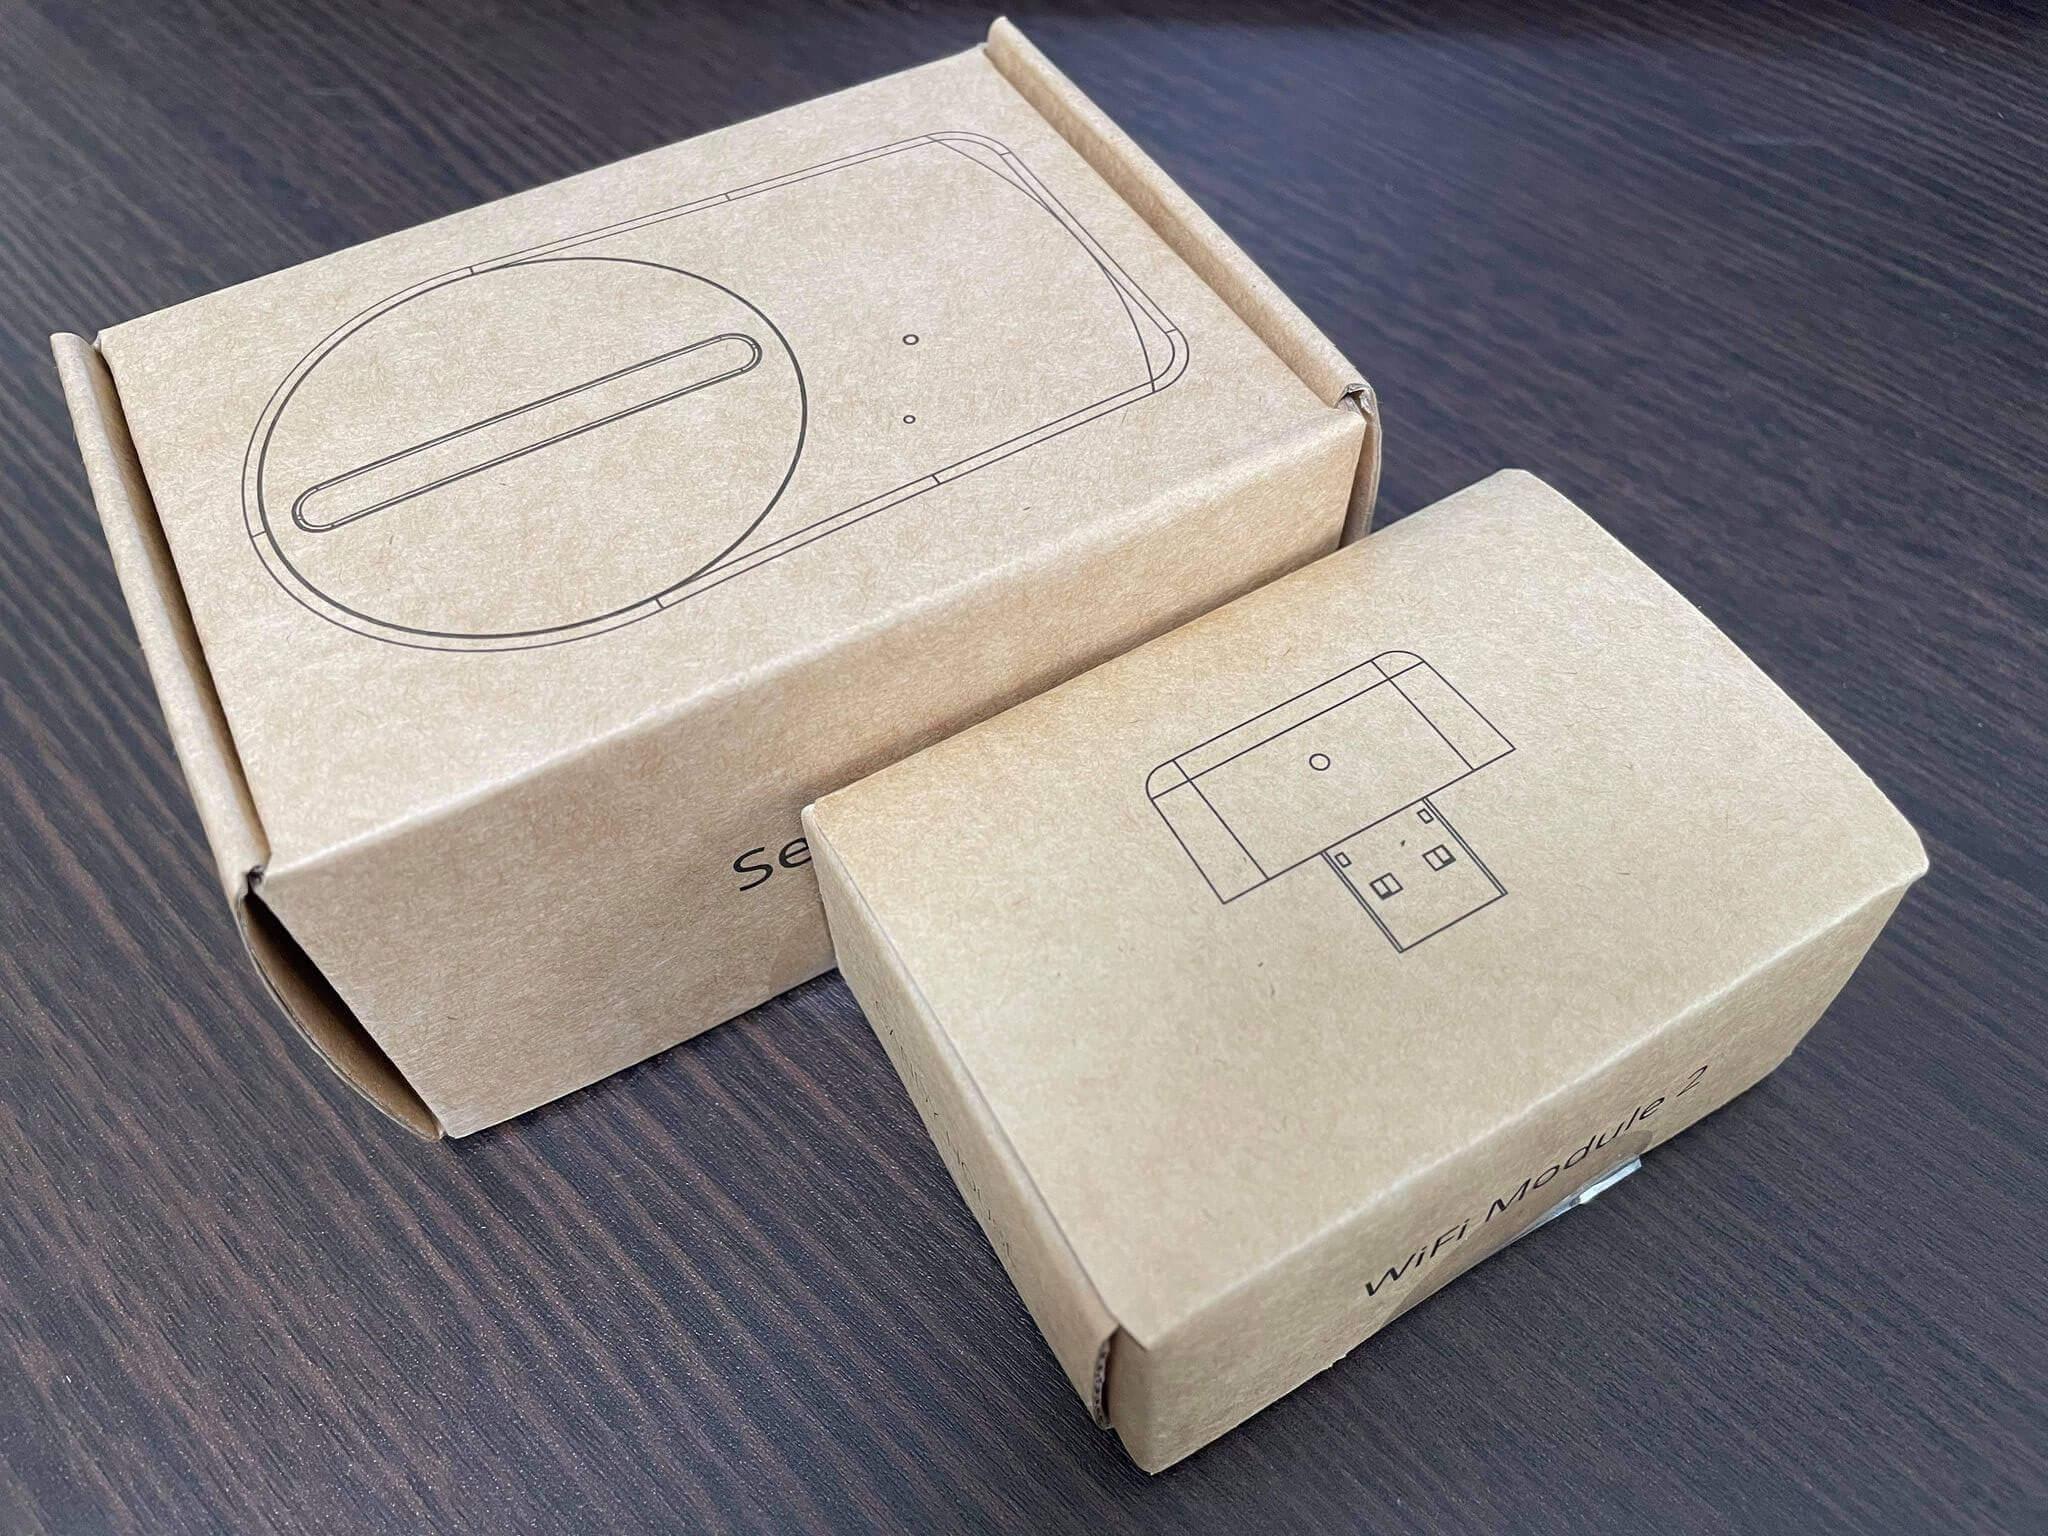 SESAMI 3本体(税込6,380円)と、遠隔操作に必要なWiFiモジュール(税込2,178円)が到着